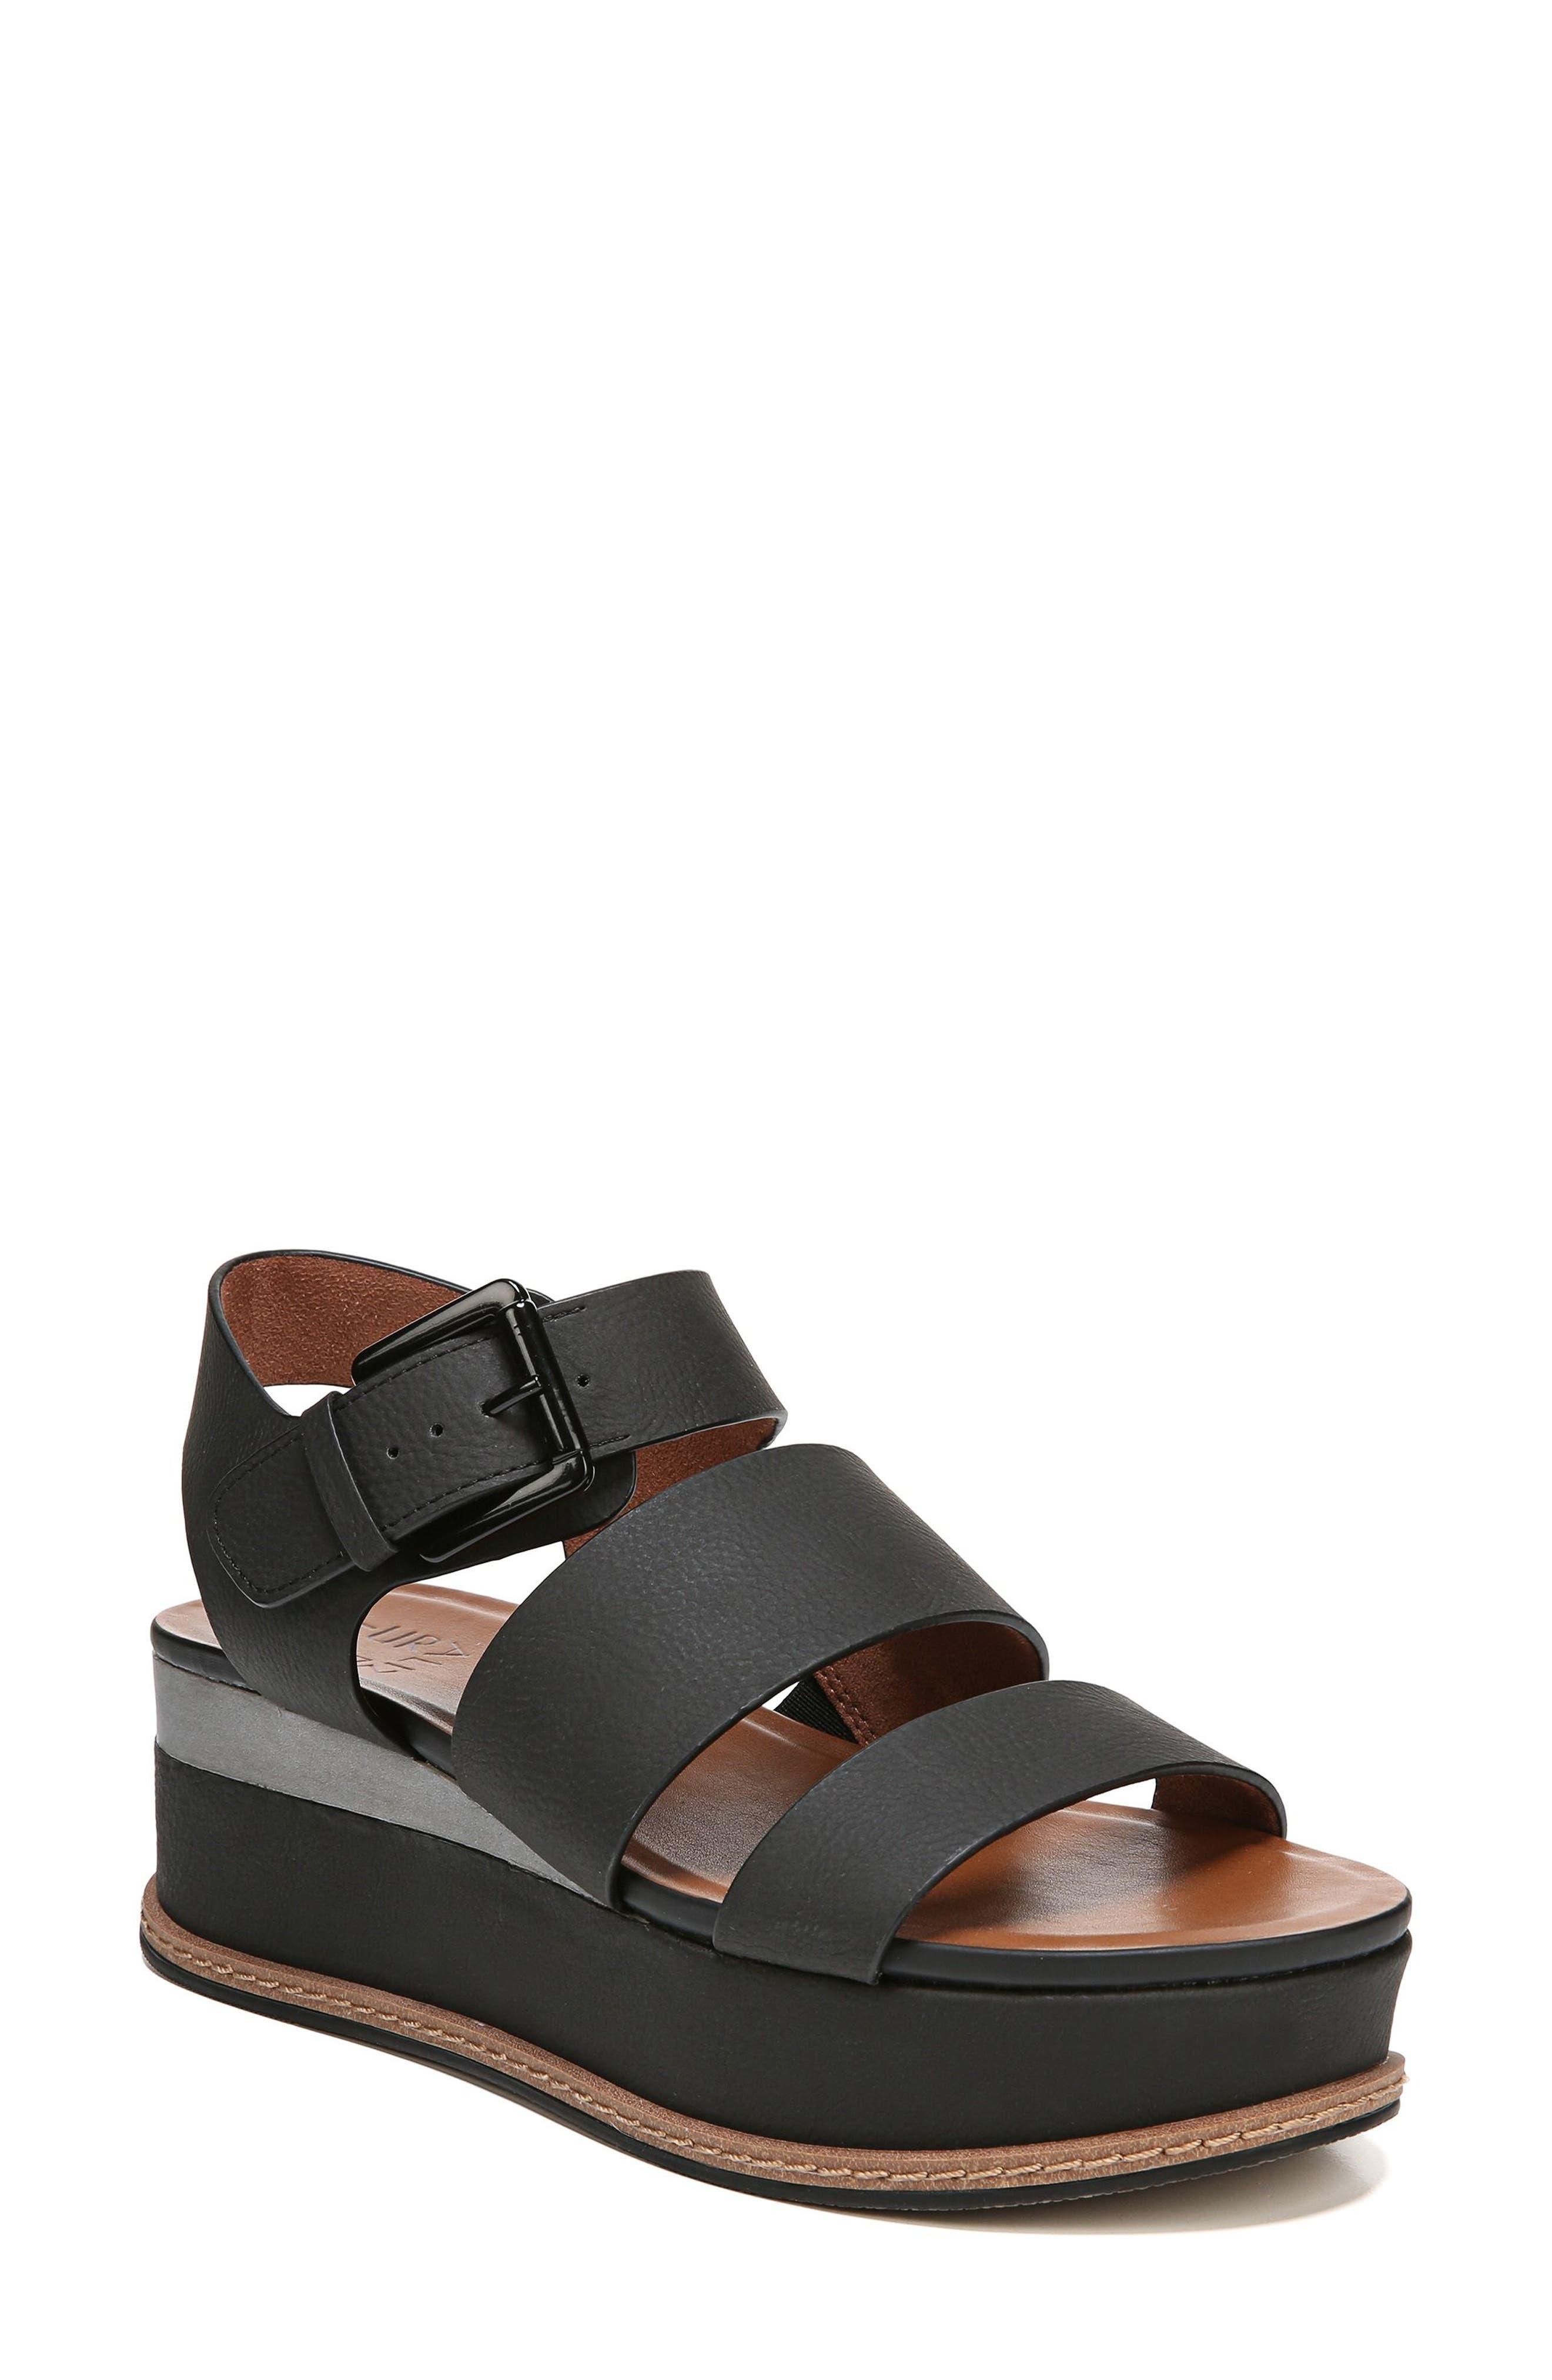 Naturalizer Billie Platform Sandal